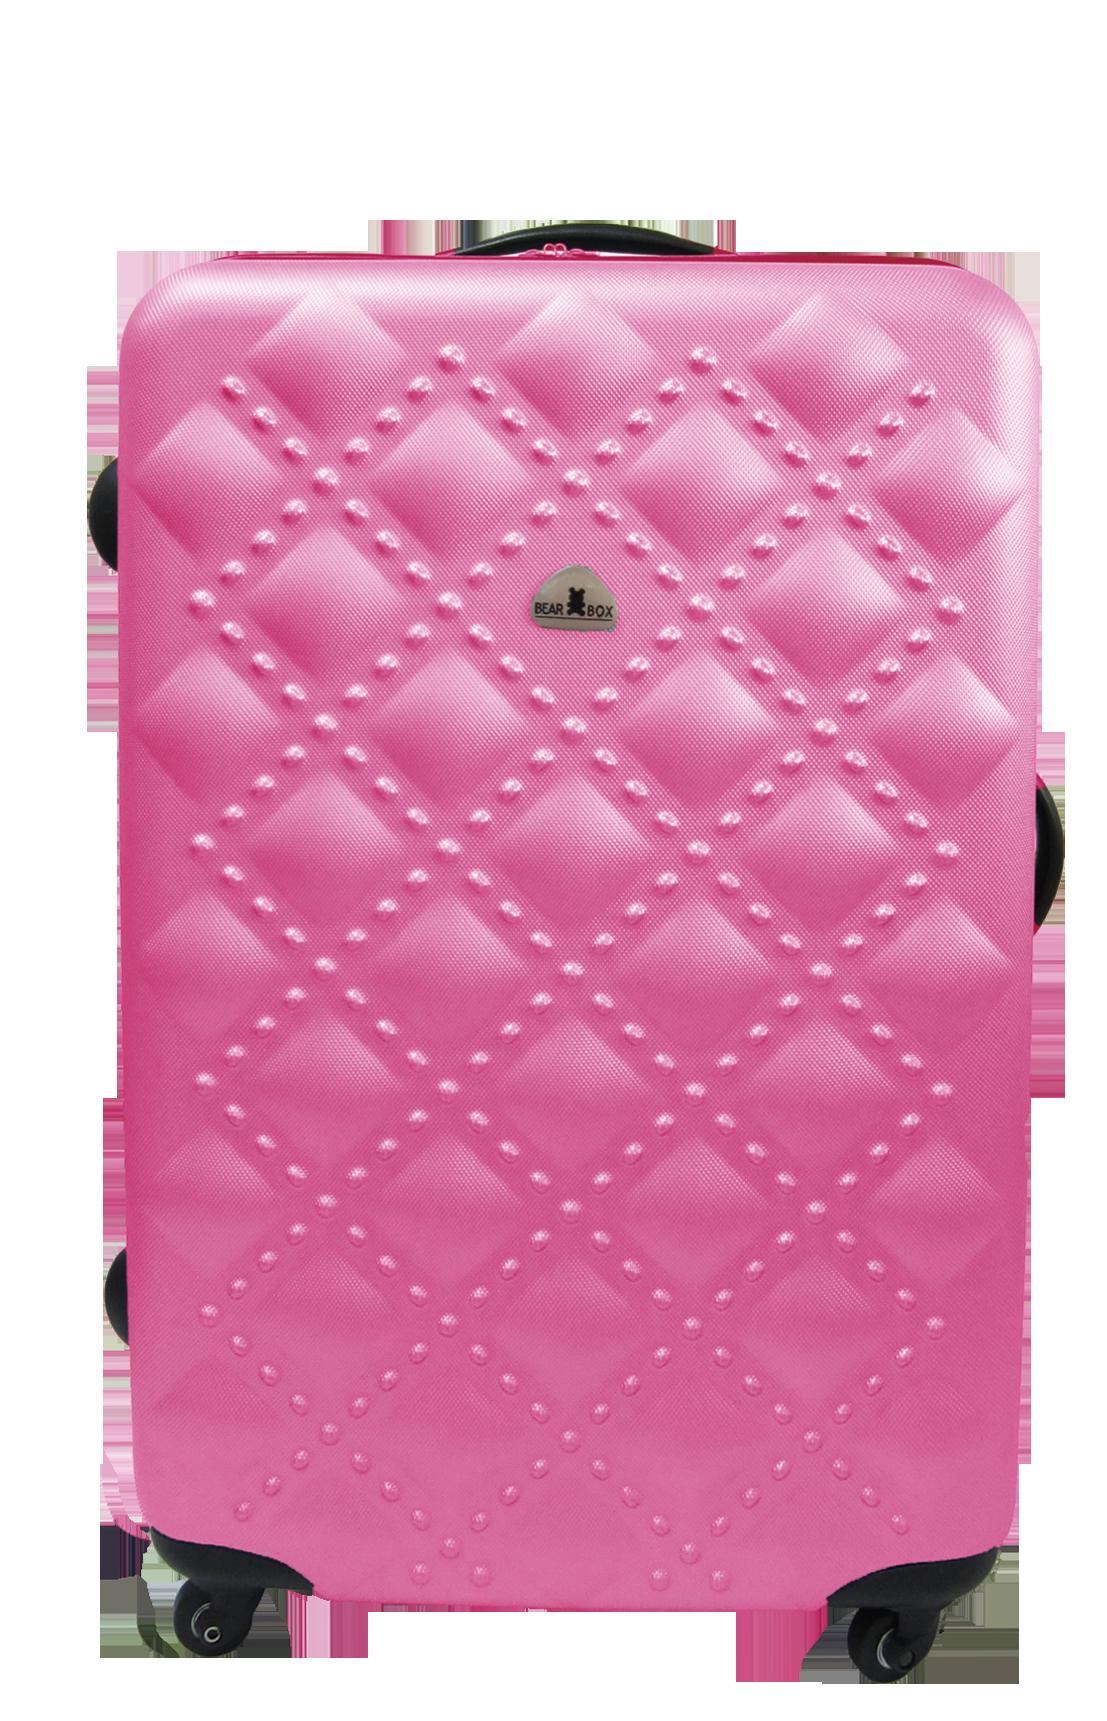 限量$888 隨機款出清特賣ABS材質24吋輕硬殼 旅行箱 行李箱 登機箱 3